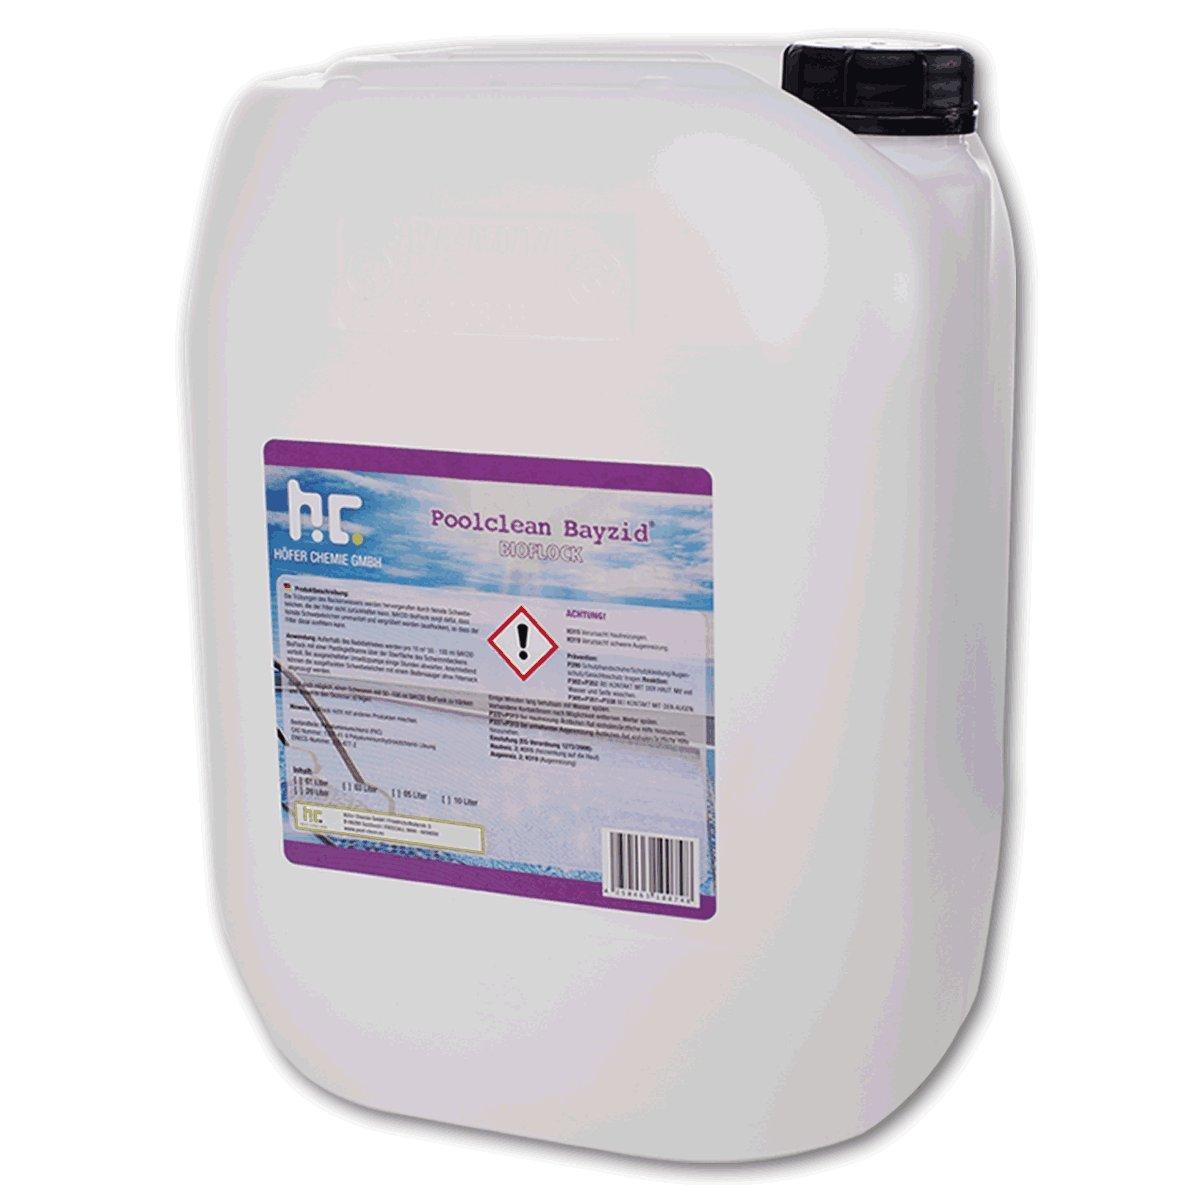 Höfer Chemie 2 x 20 L Pool Flockungsmittel flüssig BAYZID kristallklares Poolwasser - einfache Anwendung + hocheffektive Wirkung gegen Trübungen Höfer Chemie GmbH